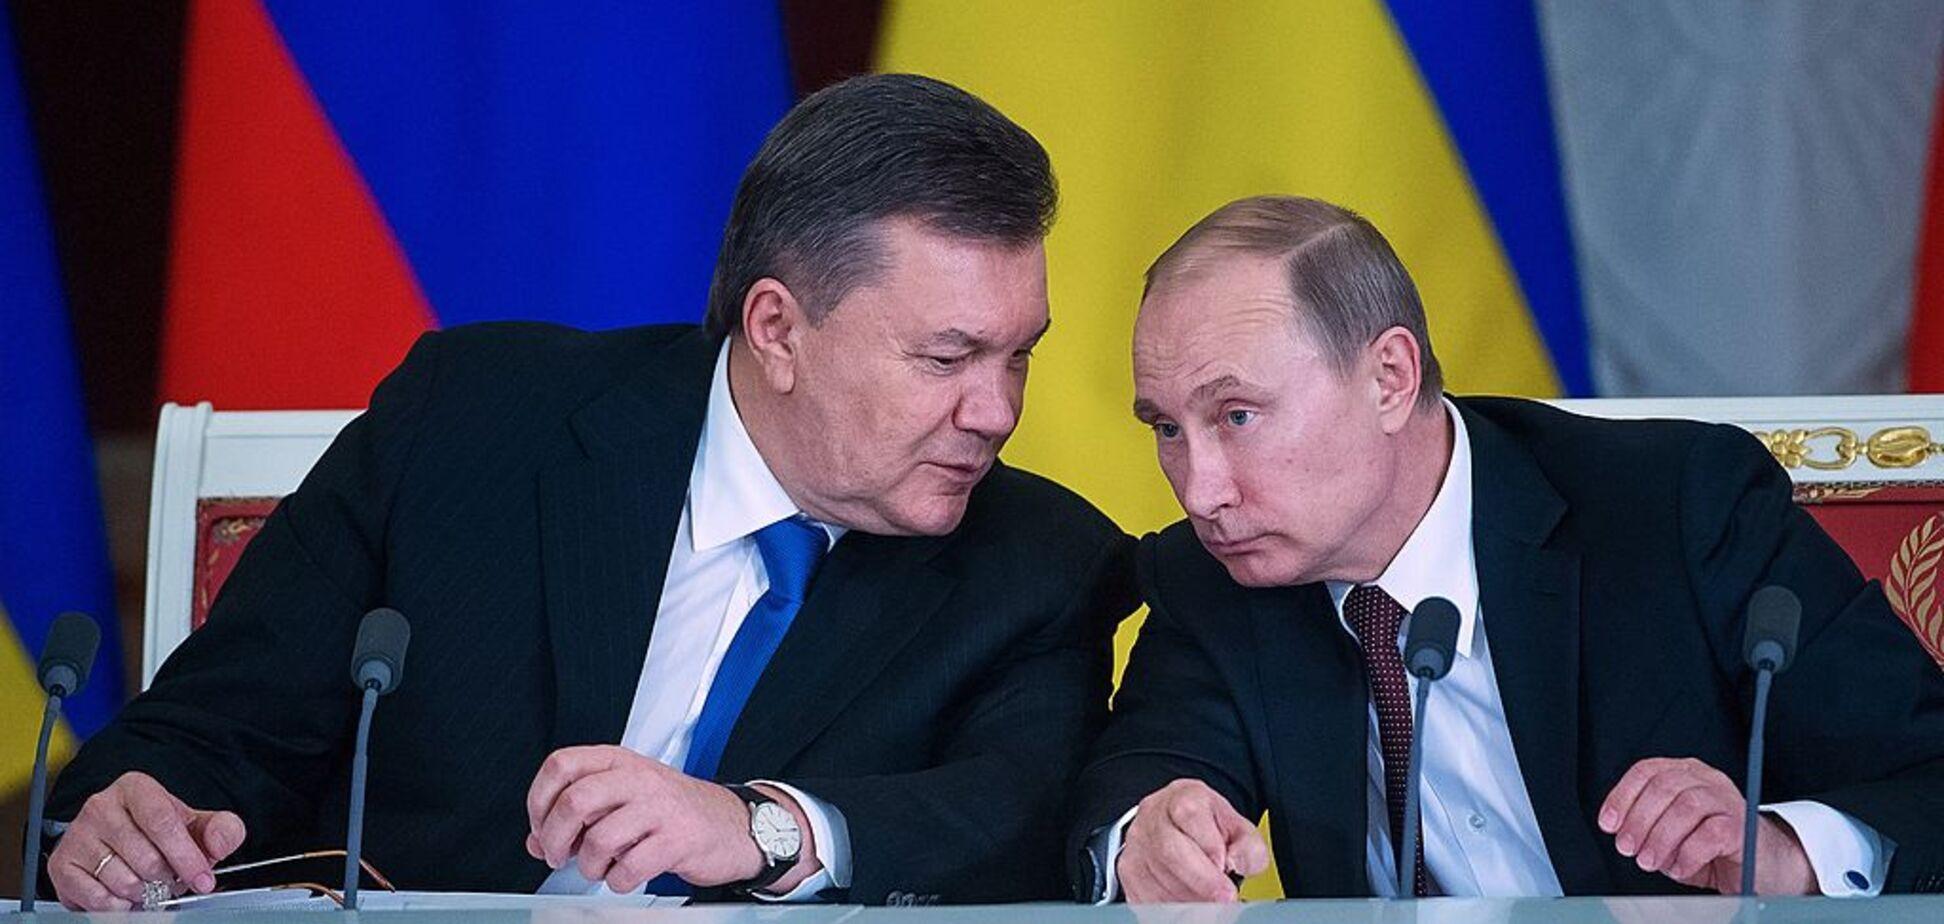 Пионтковский объяснил, зачем Путину миротворцы ООН на Донбассе